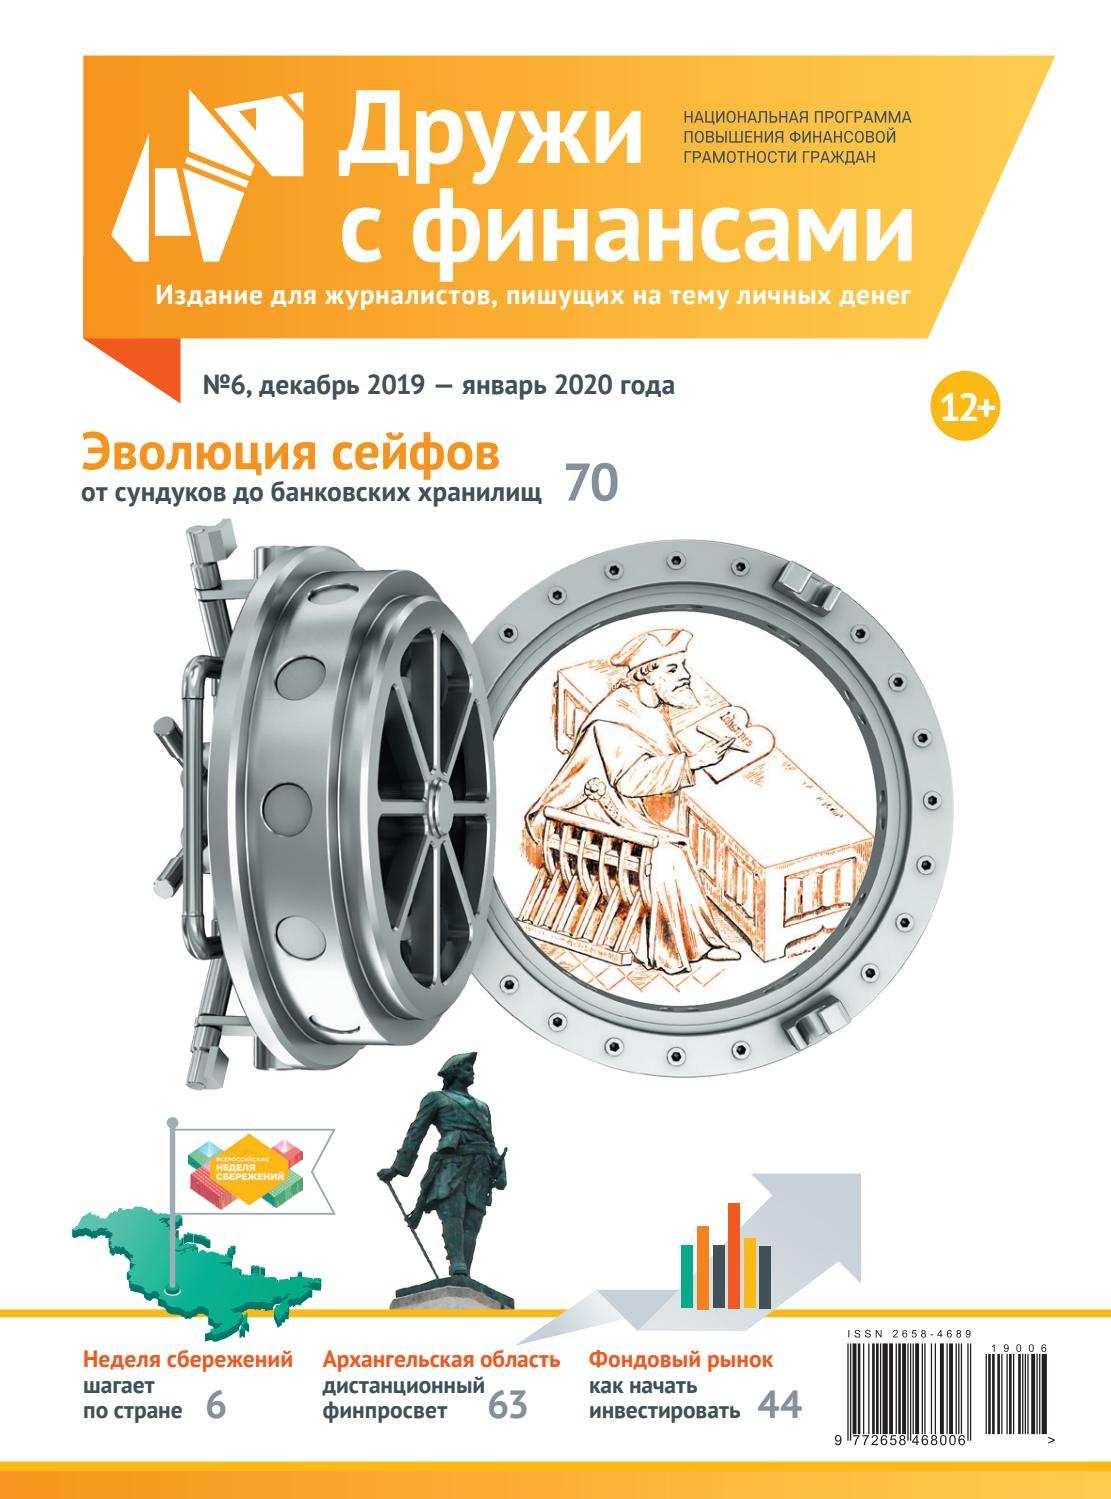 Quelle loterie est-il réaliste de gagner en Russie - quelles sont les chances de gagner? | banque aujourd'hui